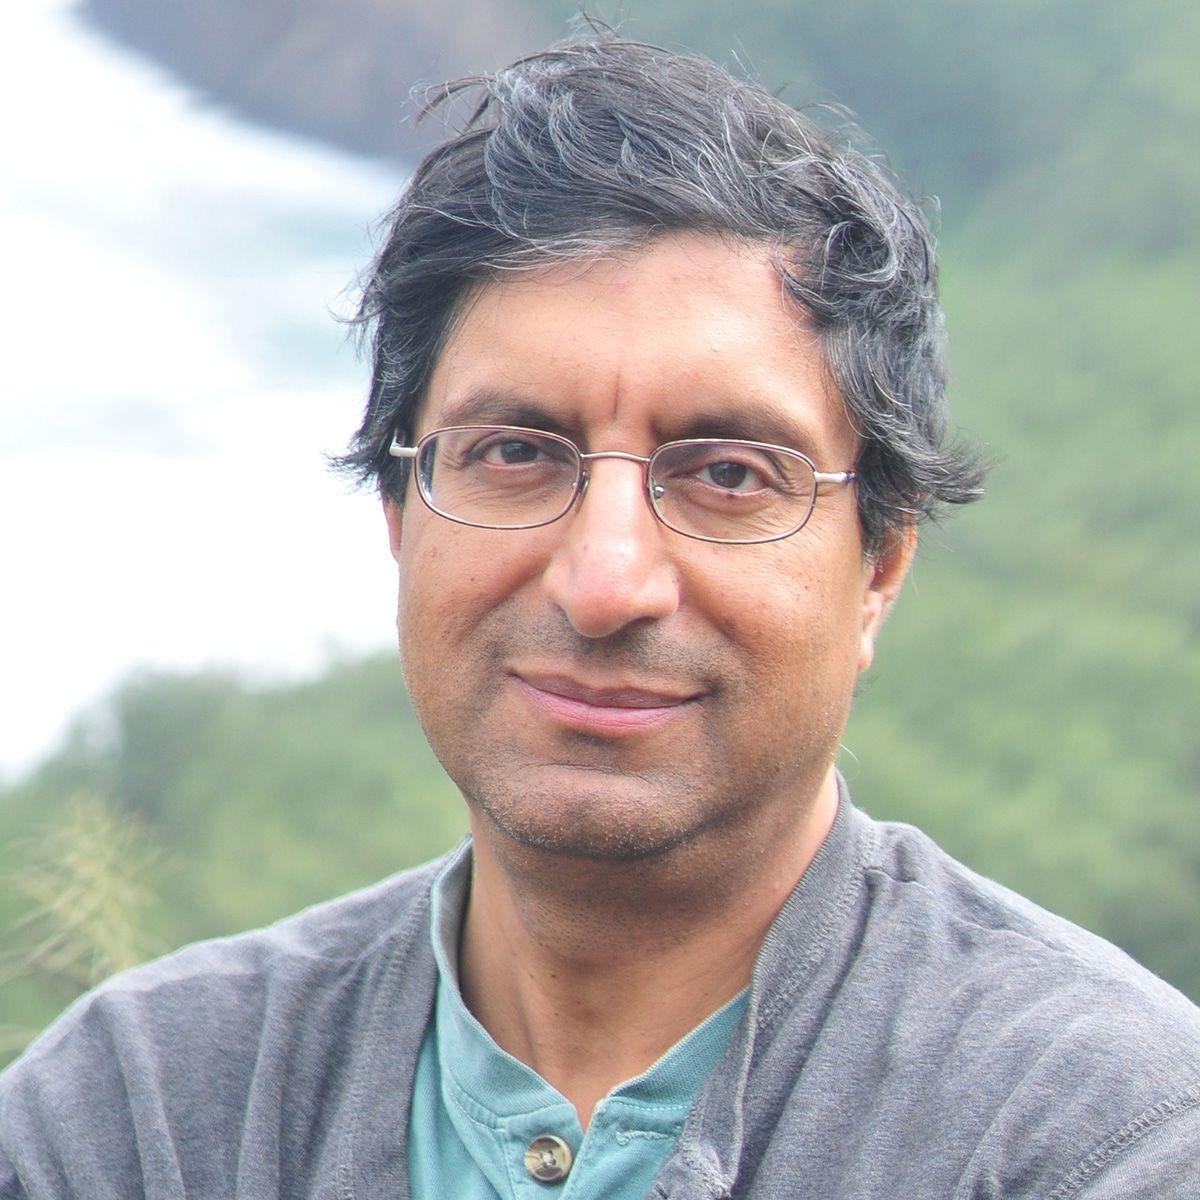 Tariq Q. Khan